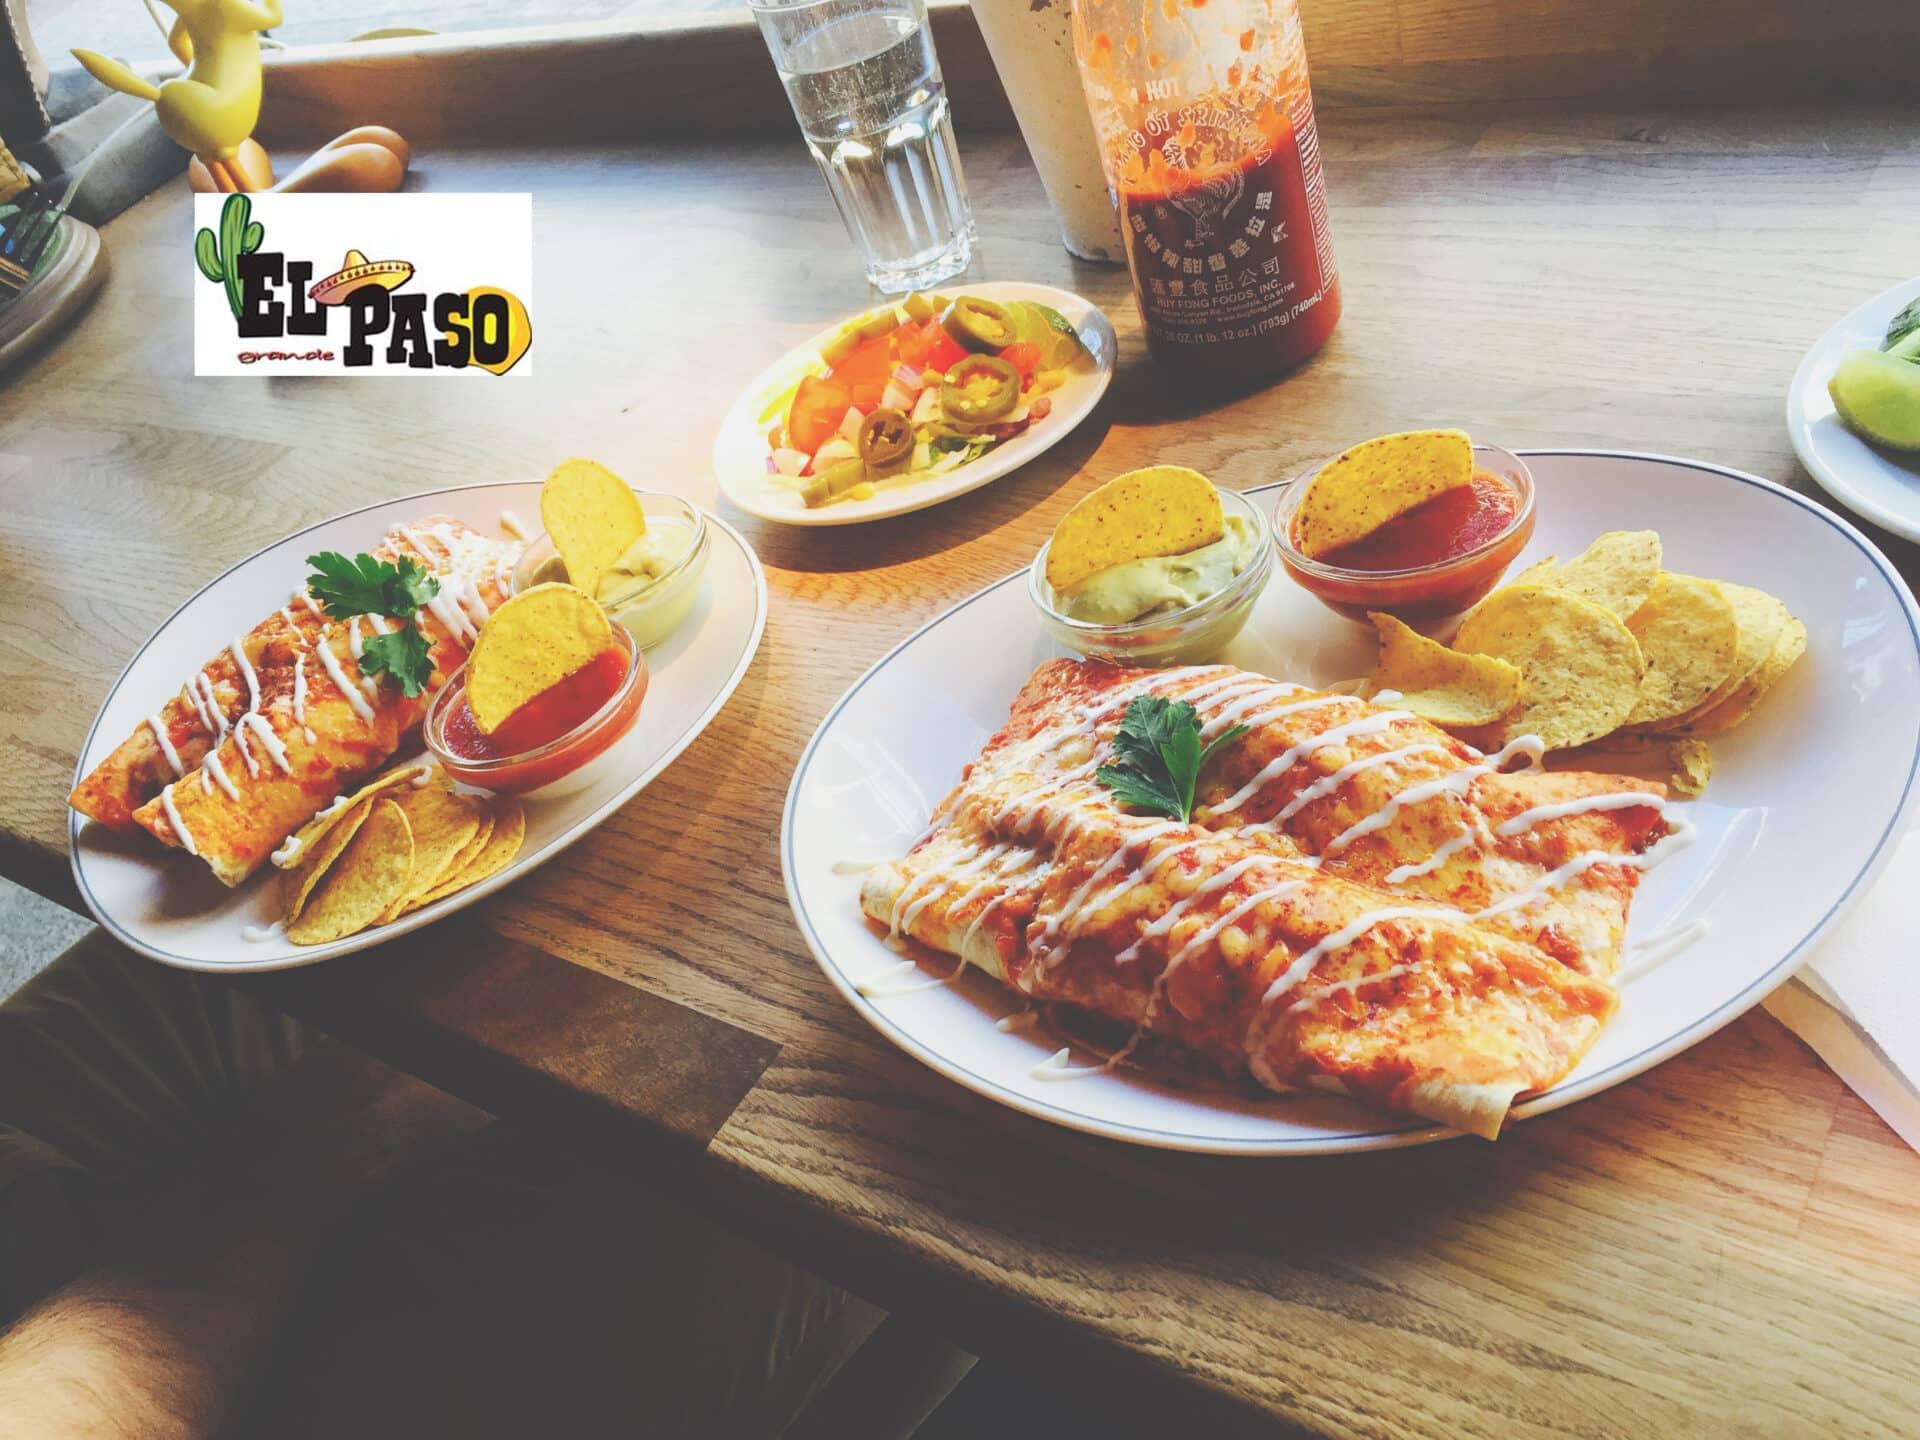 Gårdagens lunch på mexikanska restaurangen El Paso